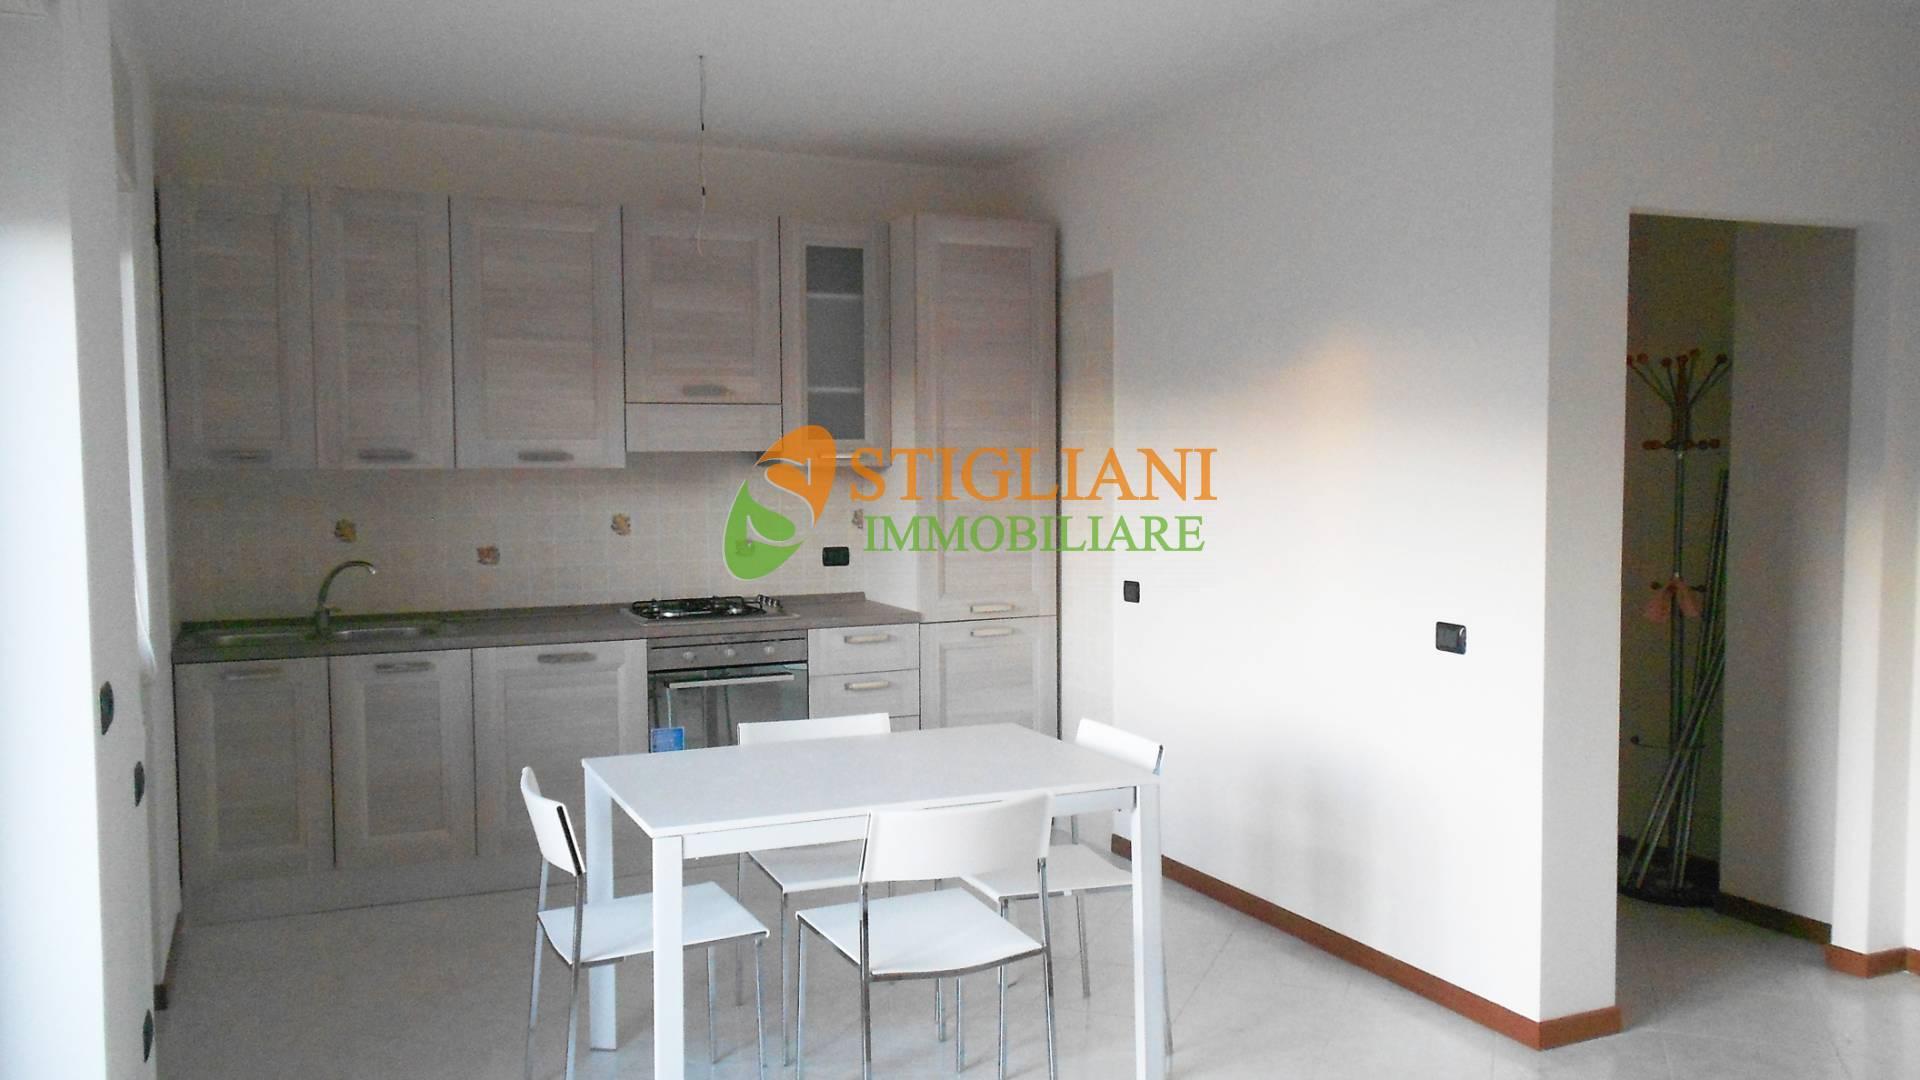 Appartamento in affitto a Campobasso, 1 locali, zona Zona: Centro, prezzo € 400   CambioCasa.it